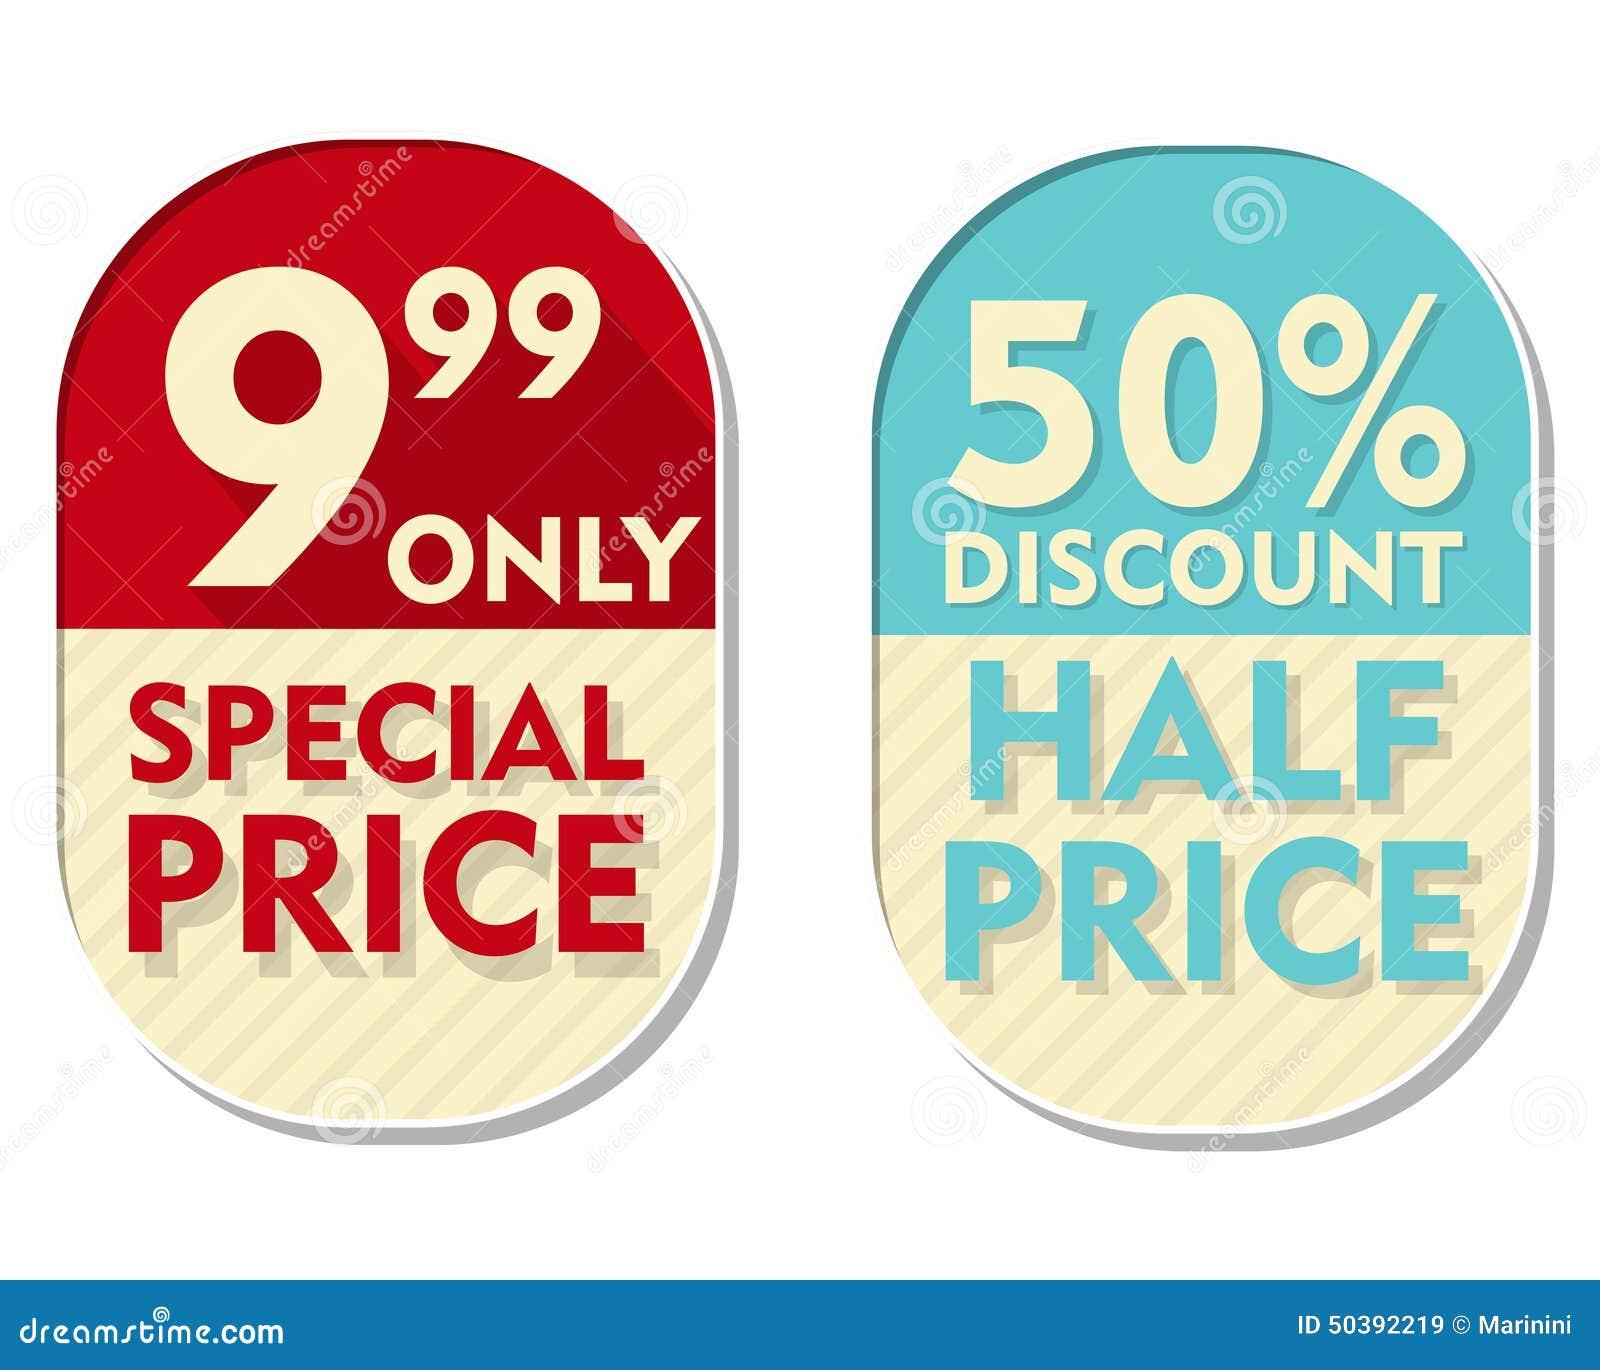 Discount price parallels desktop 9